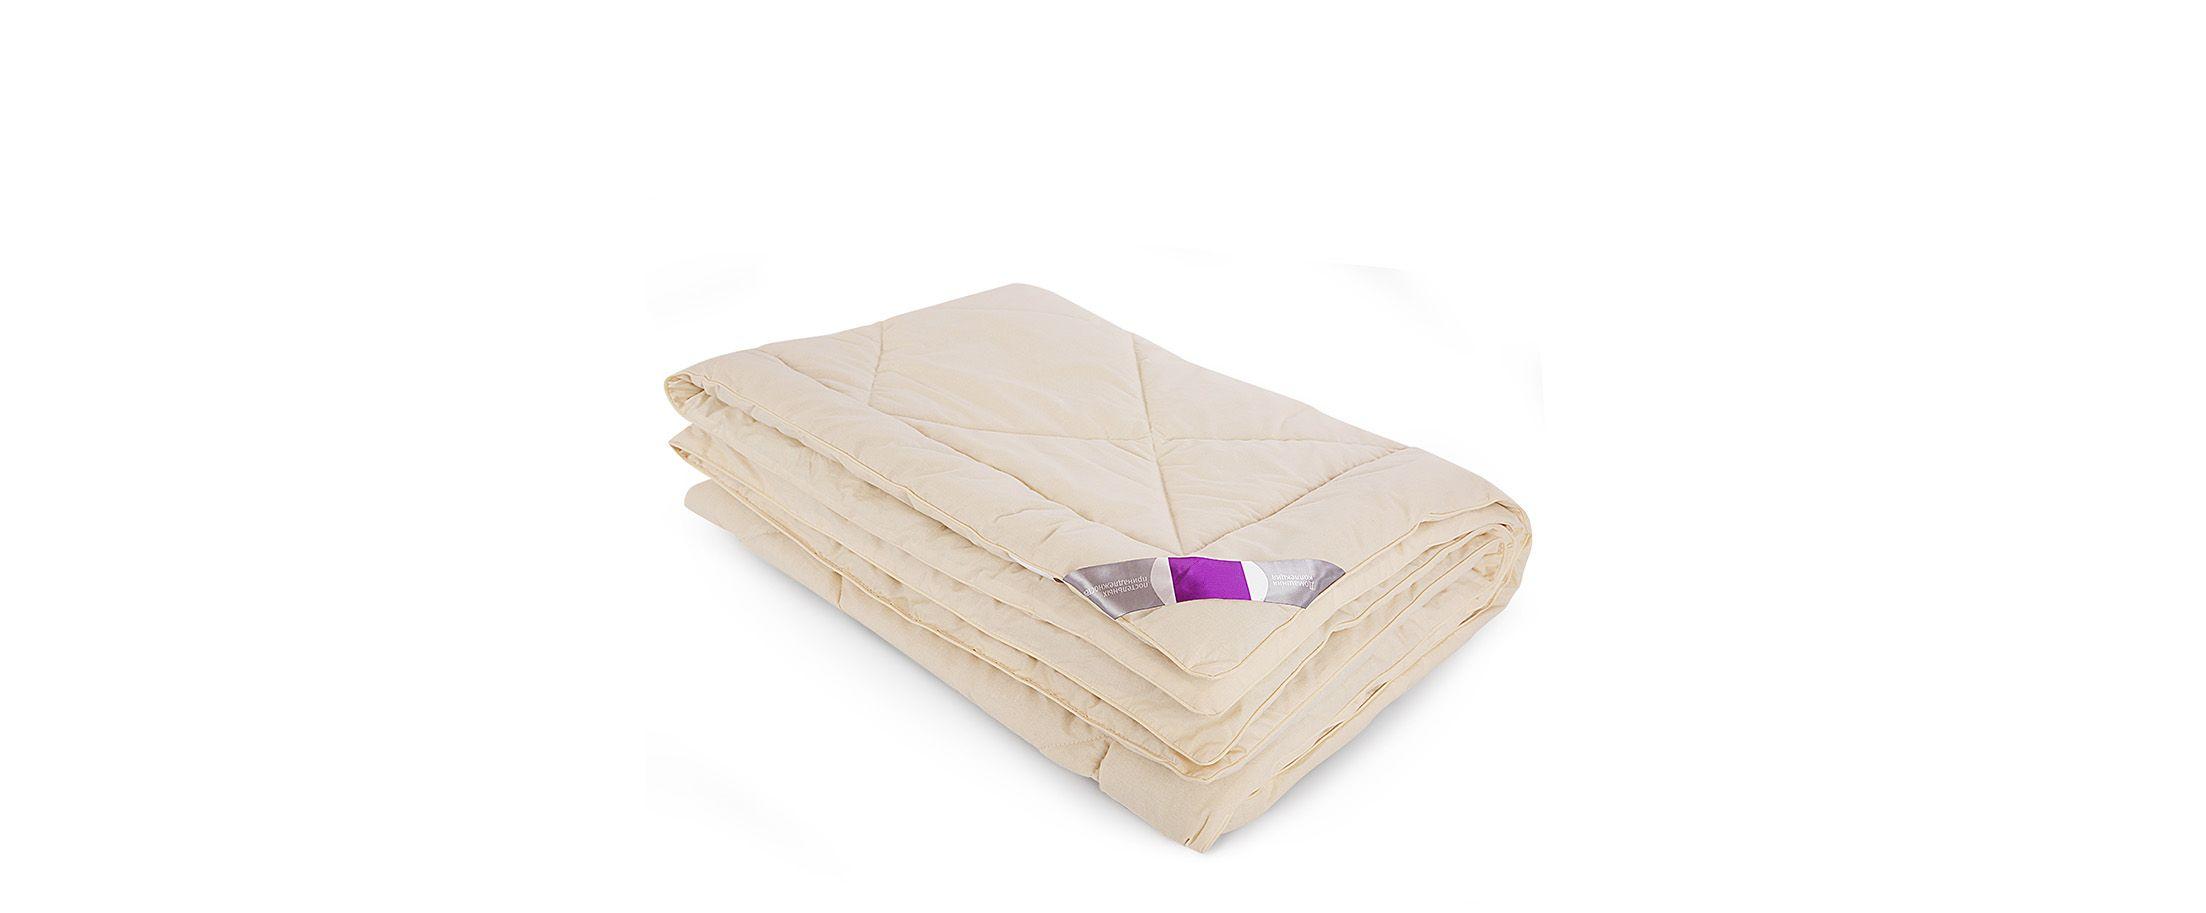 Одеяло Овечья шерсть 172х205 Модель 4008Одеяло Овечья шерсть 172х205 Модель 4008. Артикул К000770